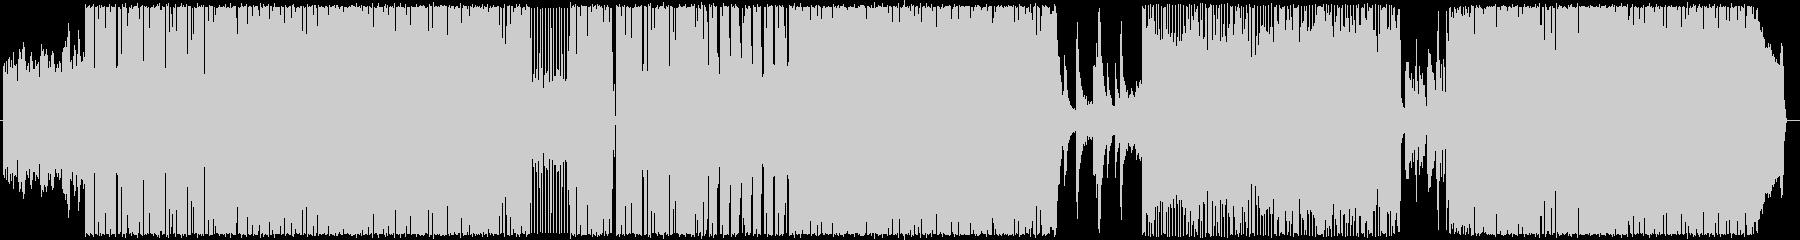 テンポの速いノリの良いロックの未再生の波形